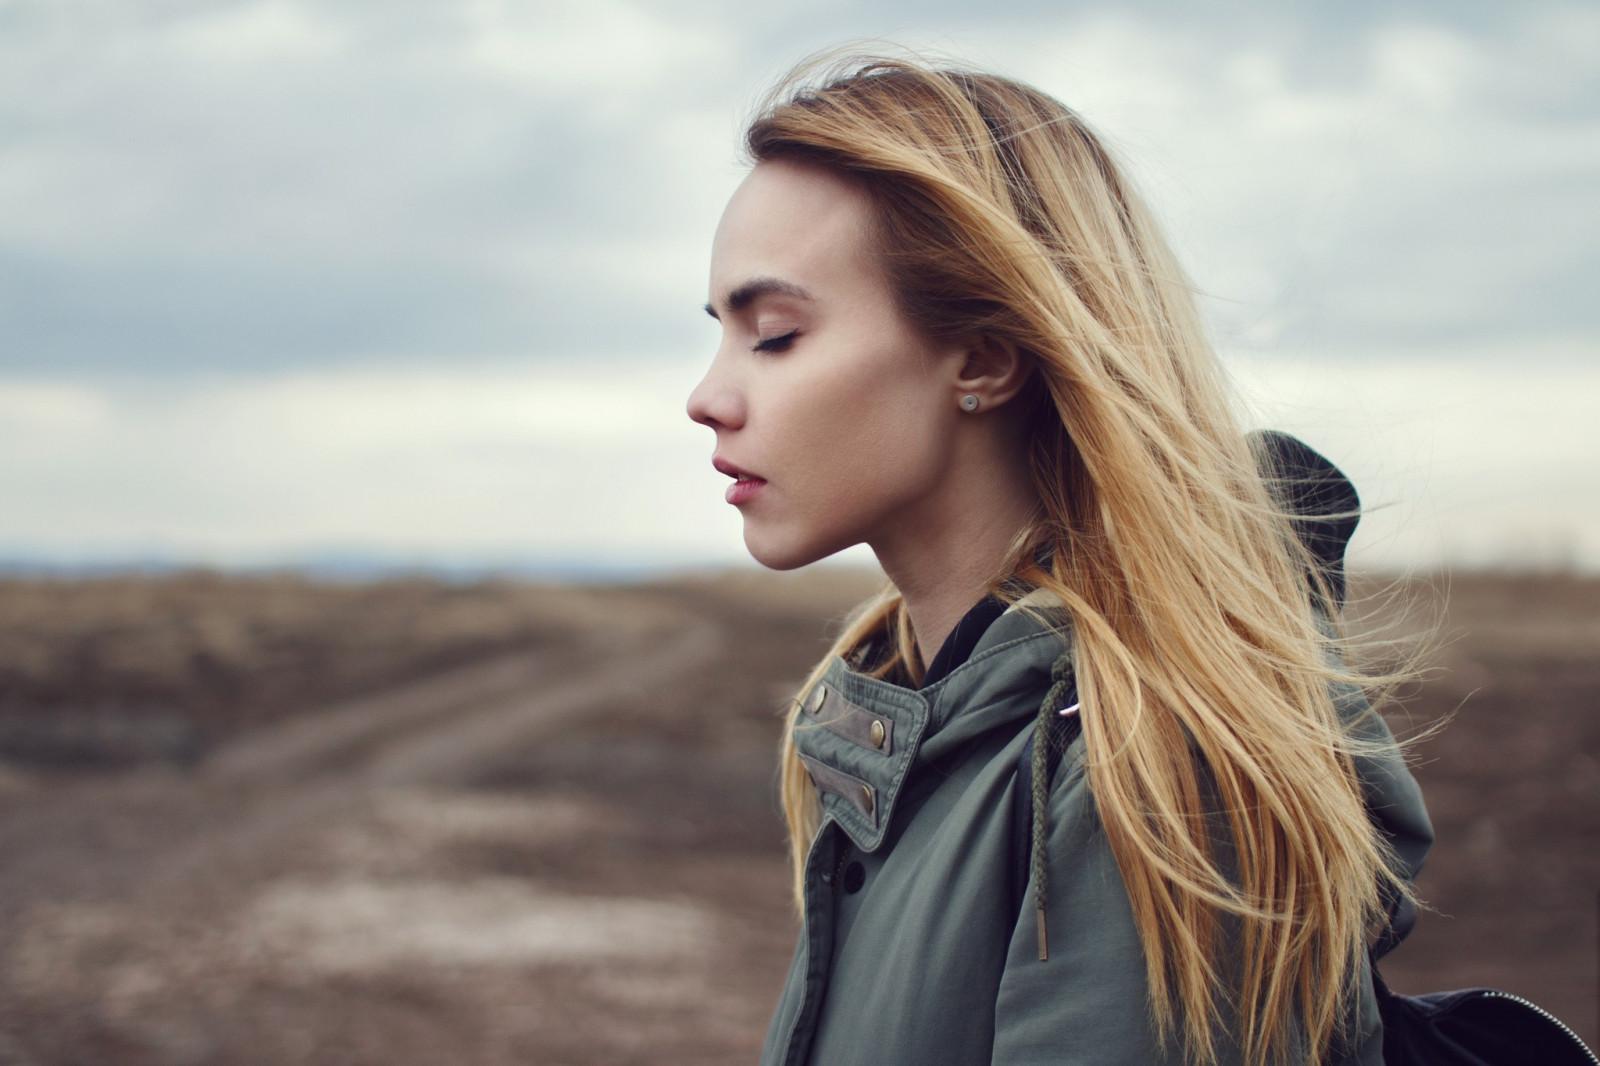 Wallpaper   Face  Women Outdoors  Model  Blonde  Long Hair